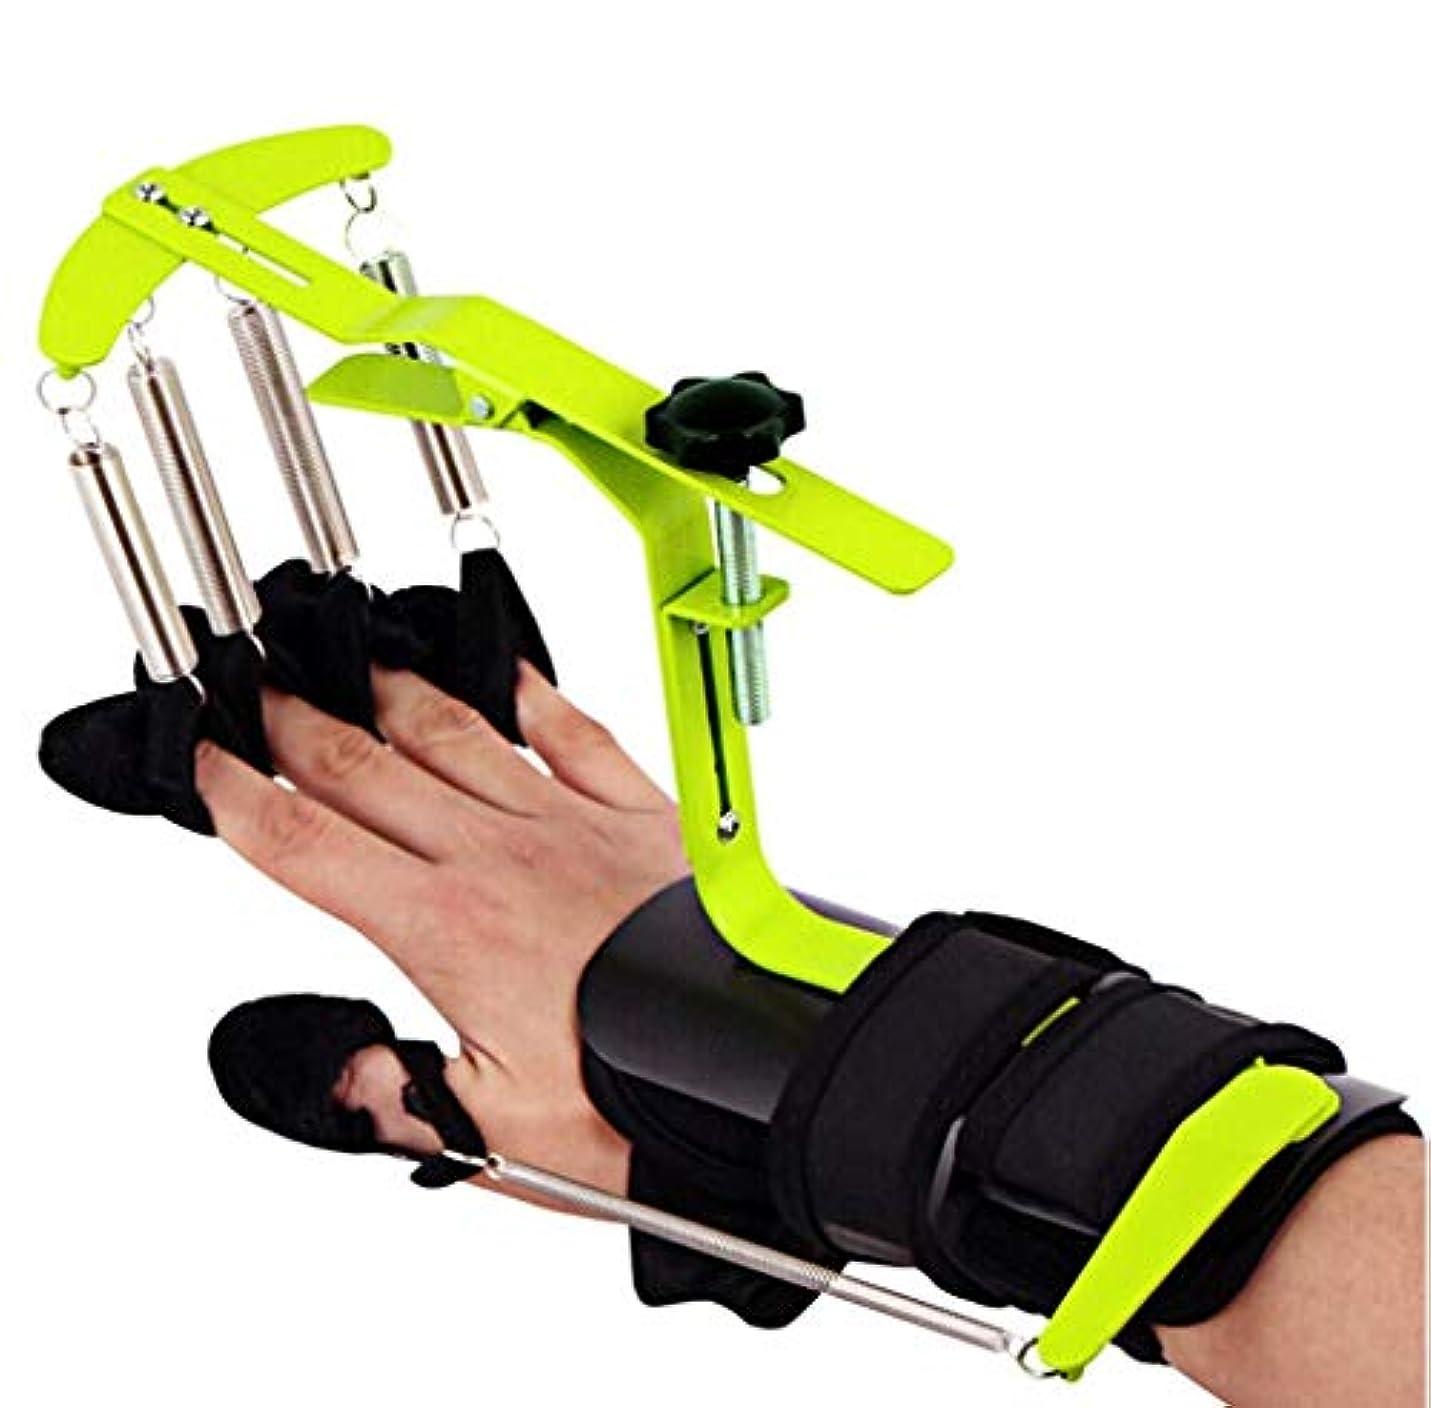 ホームゴシップ魅了する指エクササイザー トレーニング機器ブレースボード 別々の親指 手首サポートハンド機能 片麻痺の脳性麻痺麻痺リハビリテーション